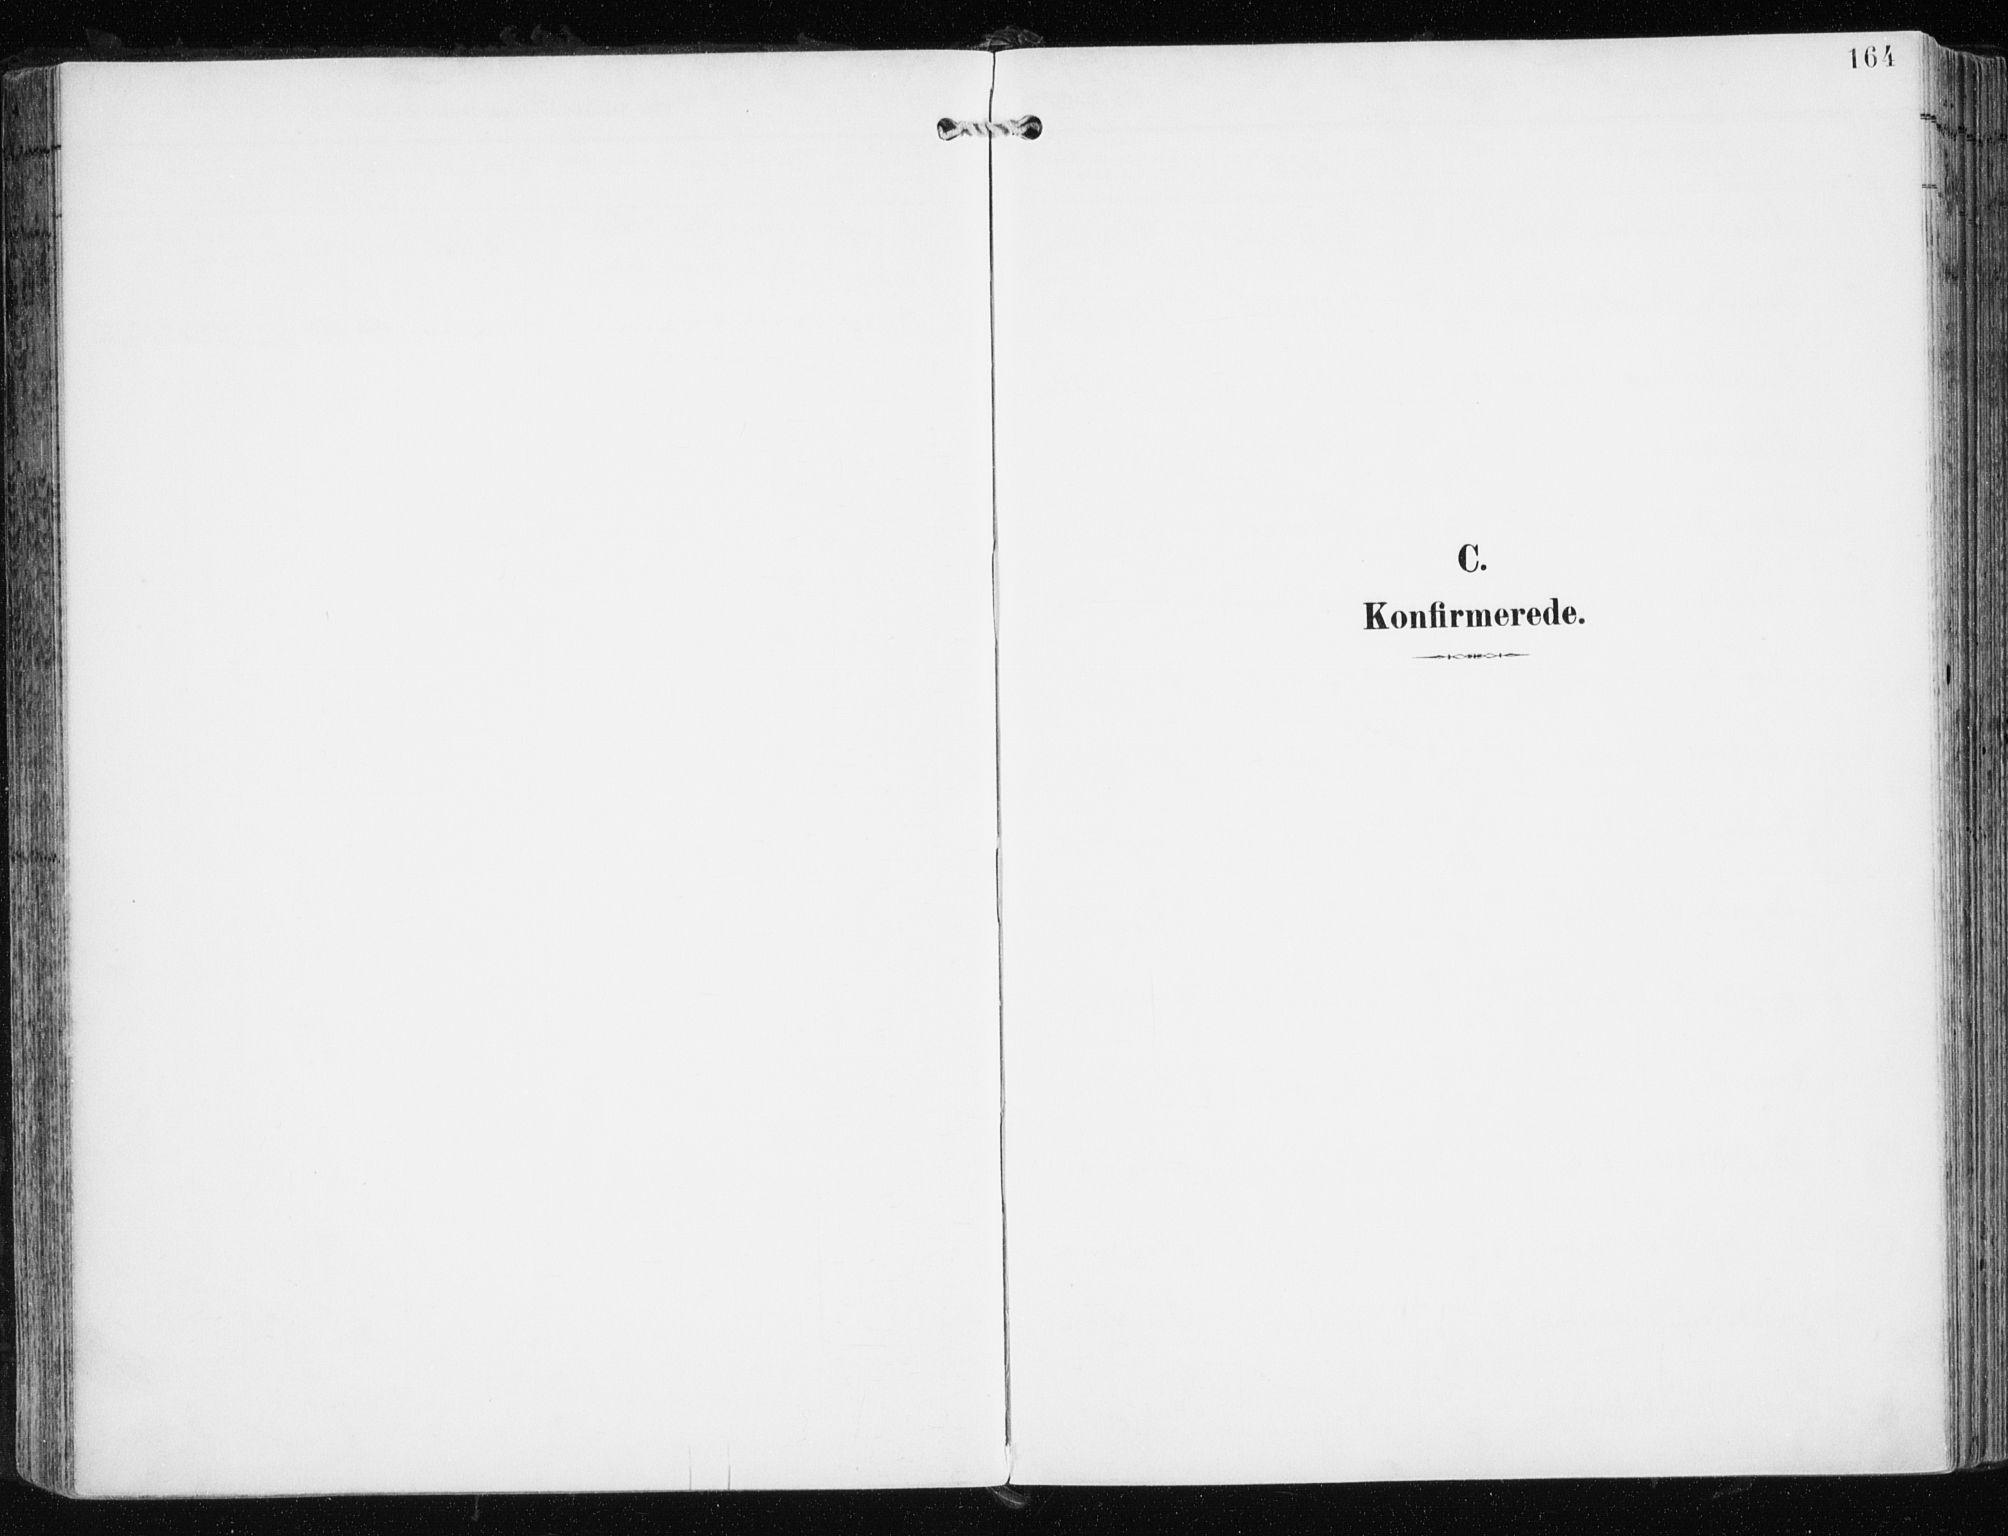 SATØ, Tromsøysund sokneprestkontor, G/Ga/L0006kirke: Parish register (official) no. 6, 1897-1906, p. 164